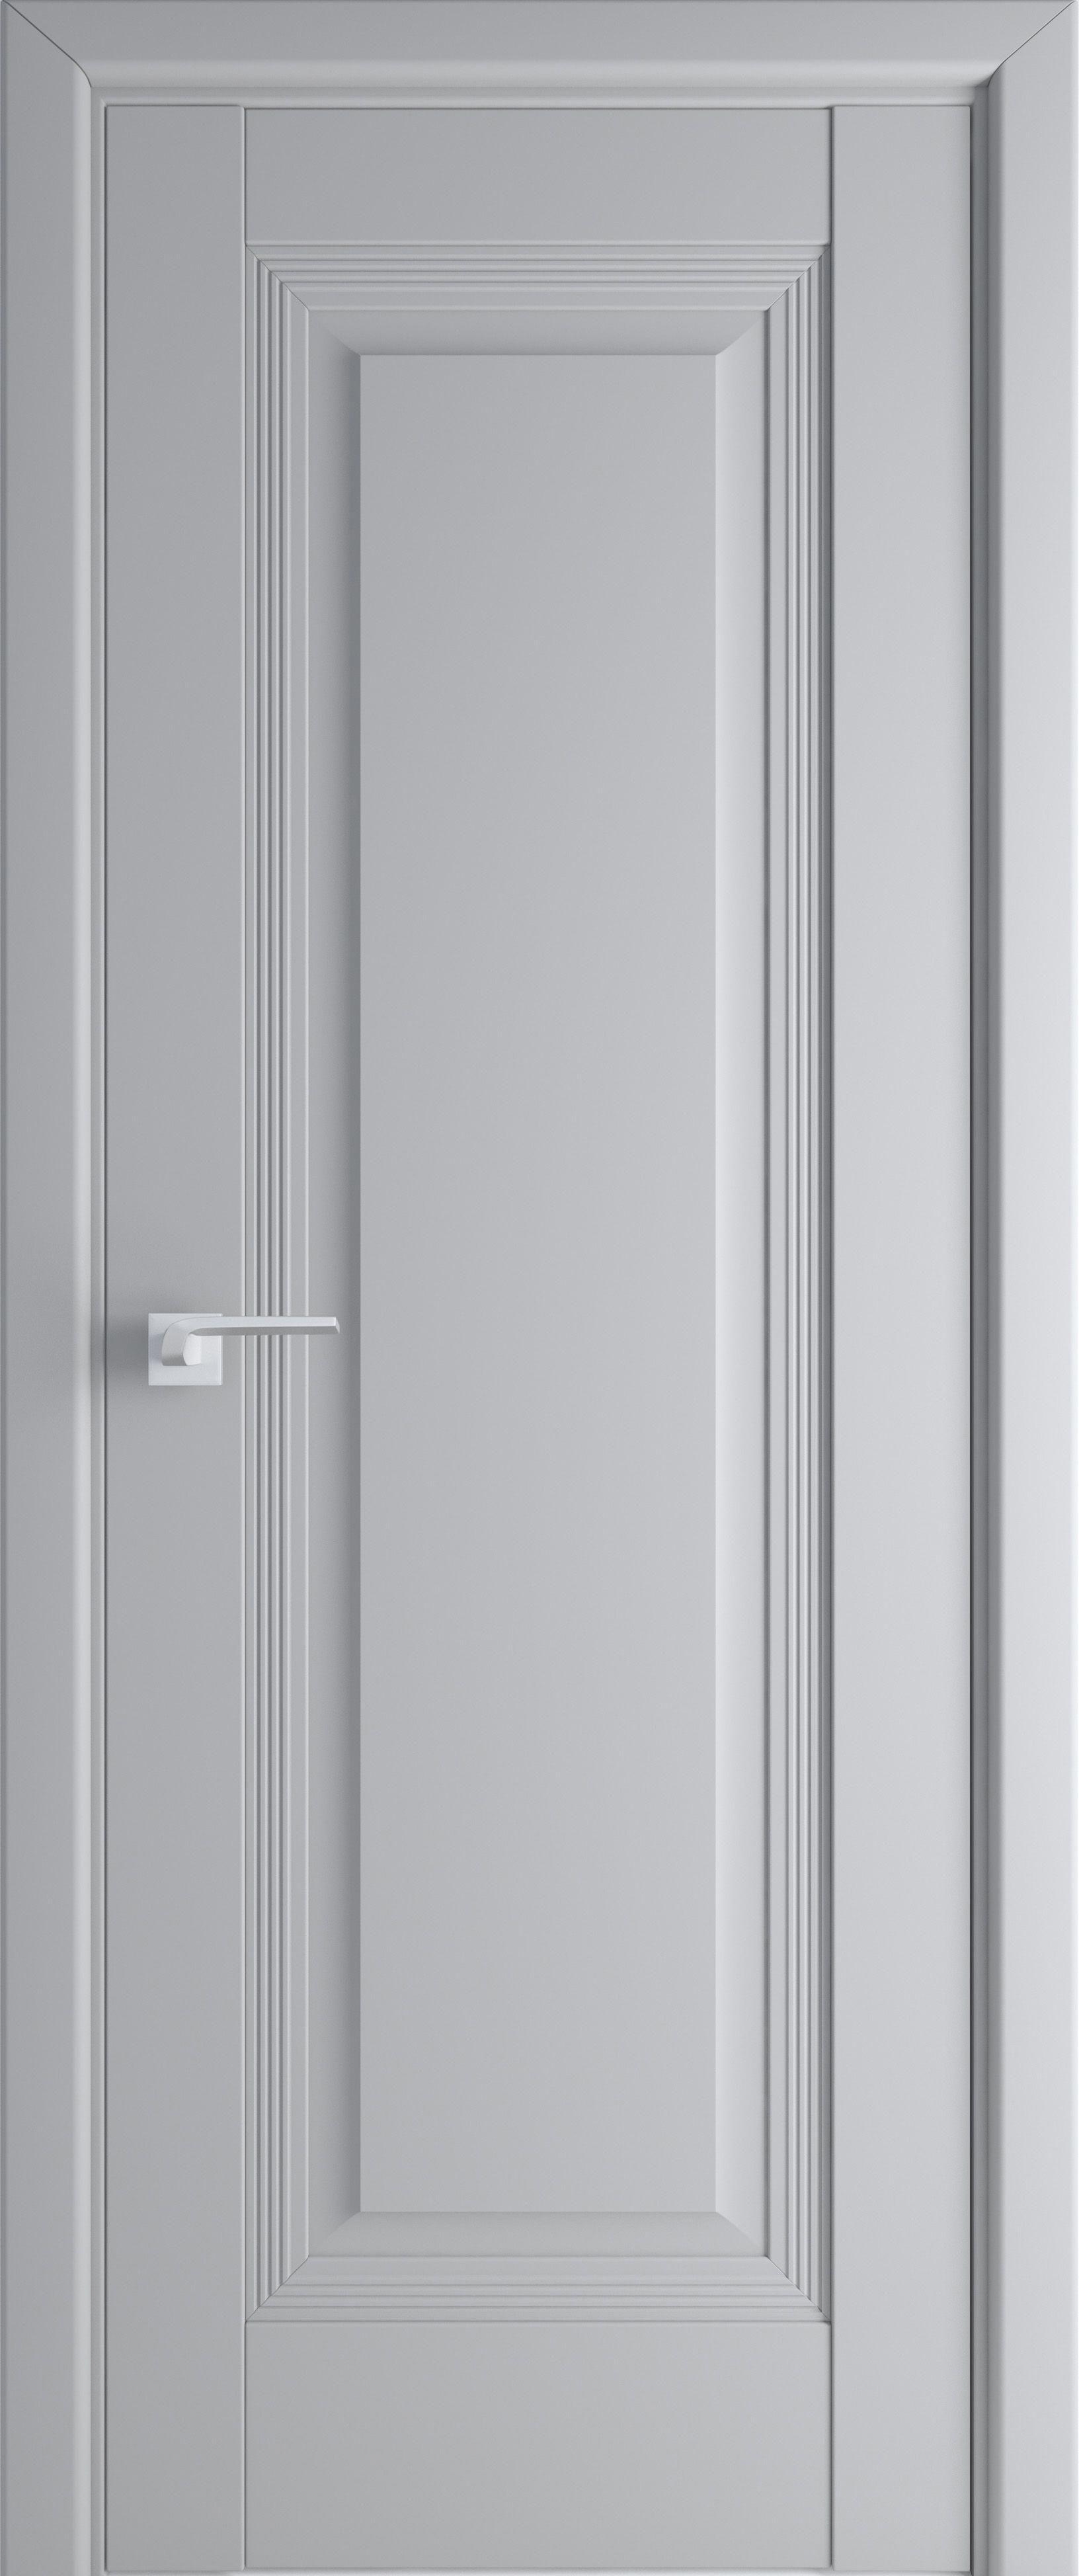 Solid Wood Interior Doors White Glass Panel Interior Doors Glass Inner Doors 20190117 Deuren Interieur Houten Deur Houten Deuren